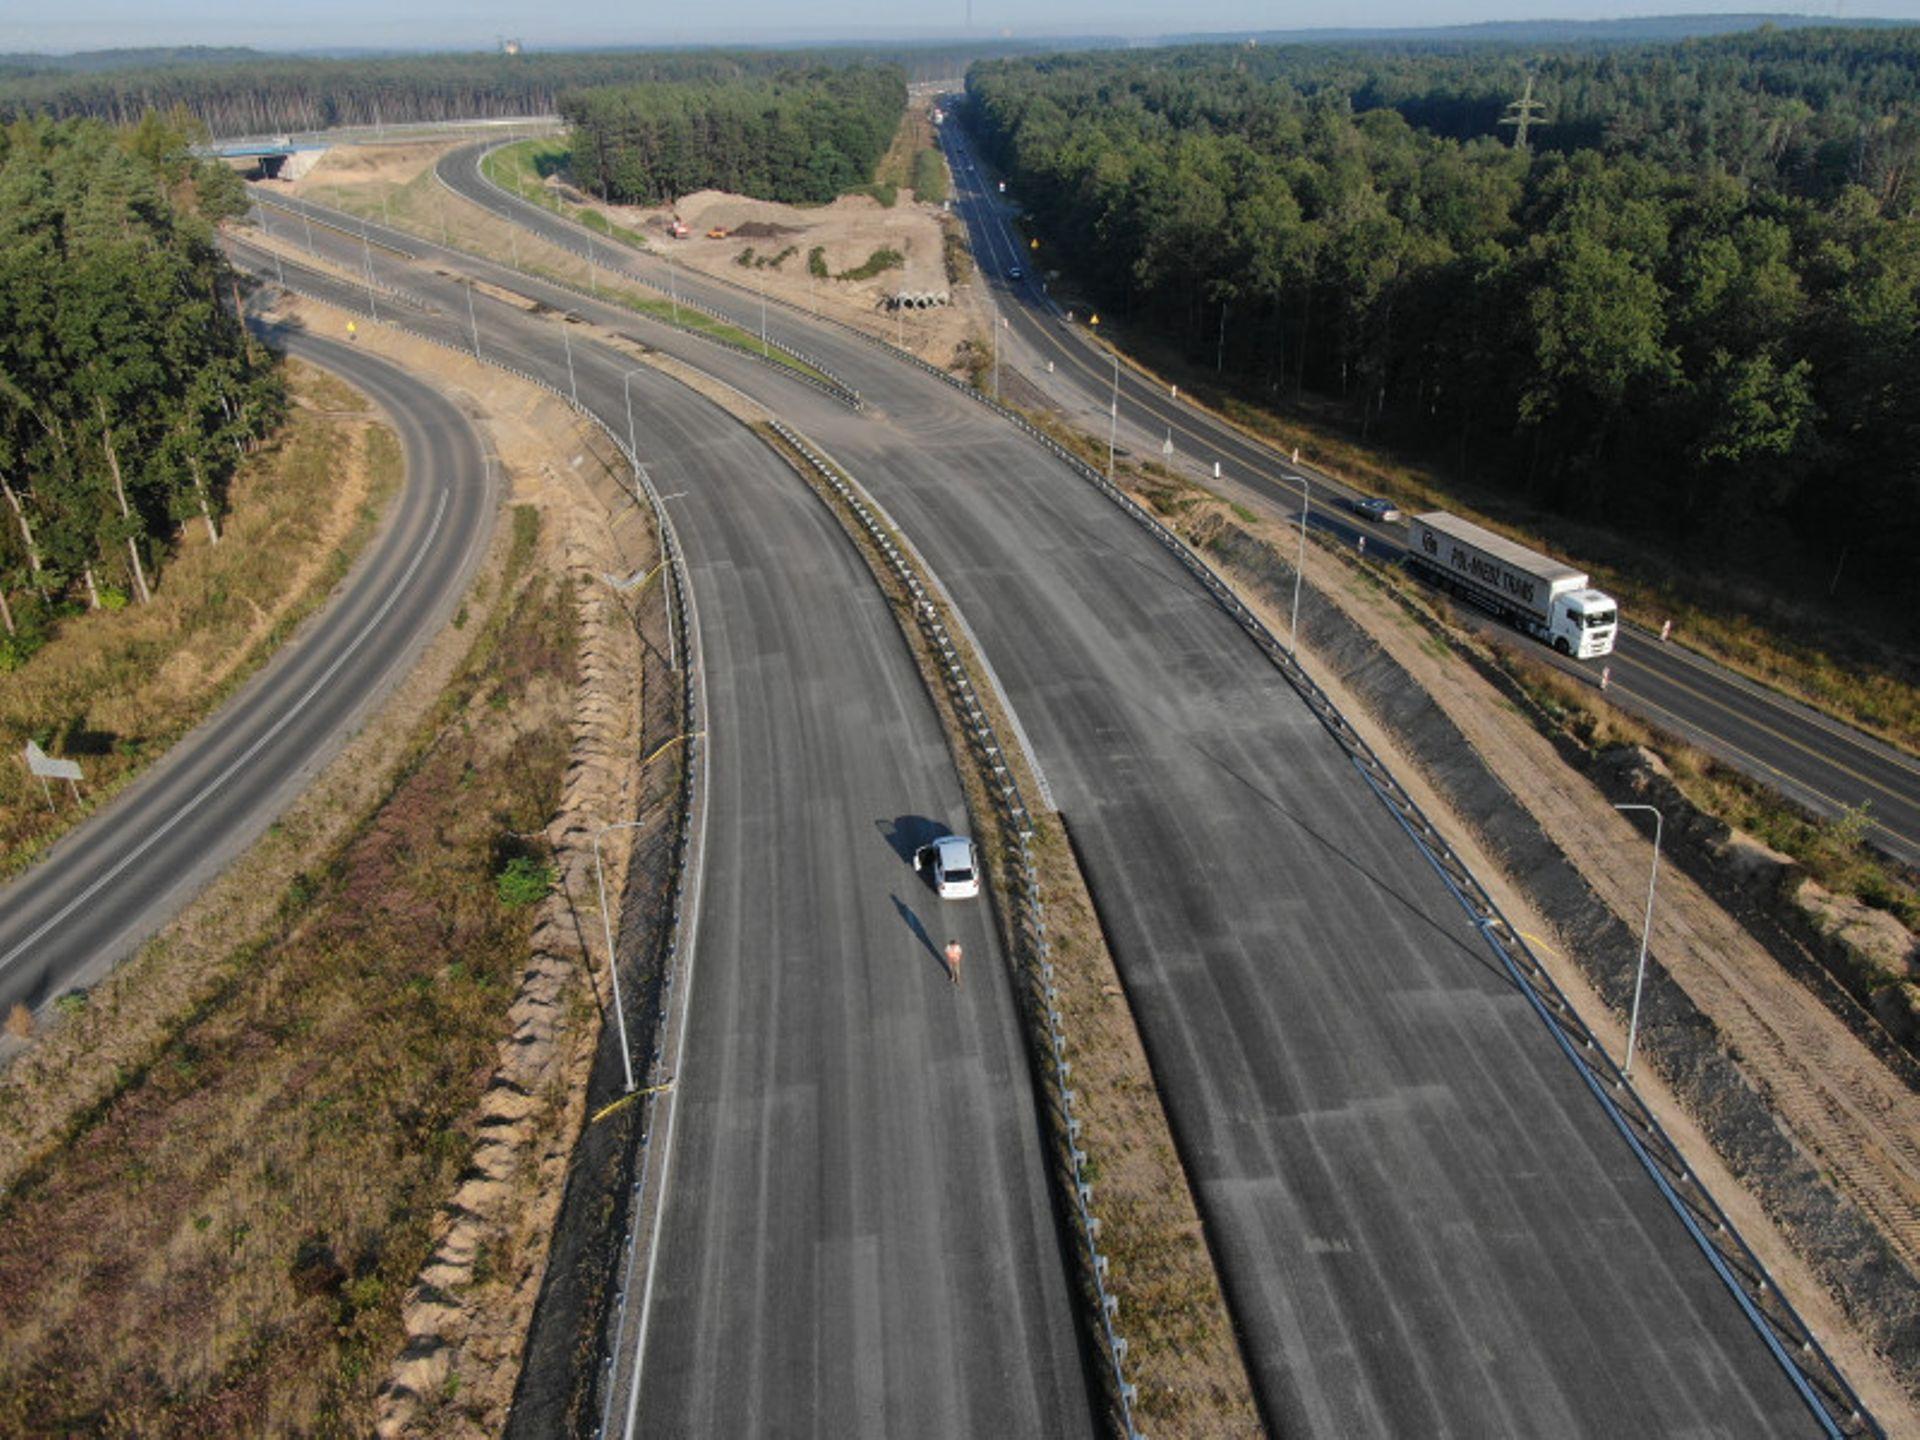 Trwa budowa brakującego odcinka drogi S3 z Lubina do Polkowic. Pojedziemy nim częściowo jeszcze w tym roku